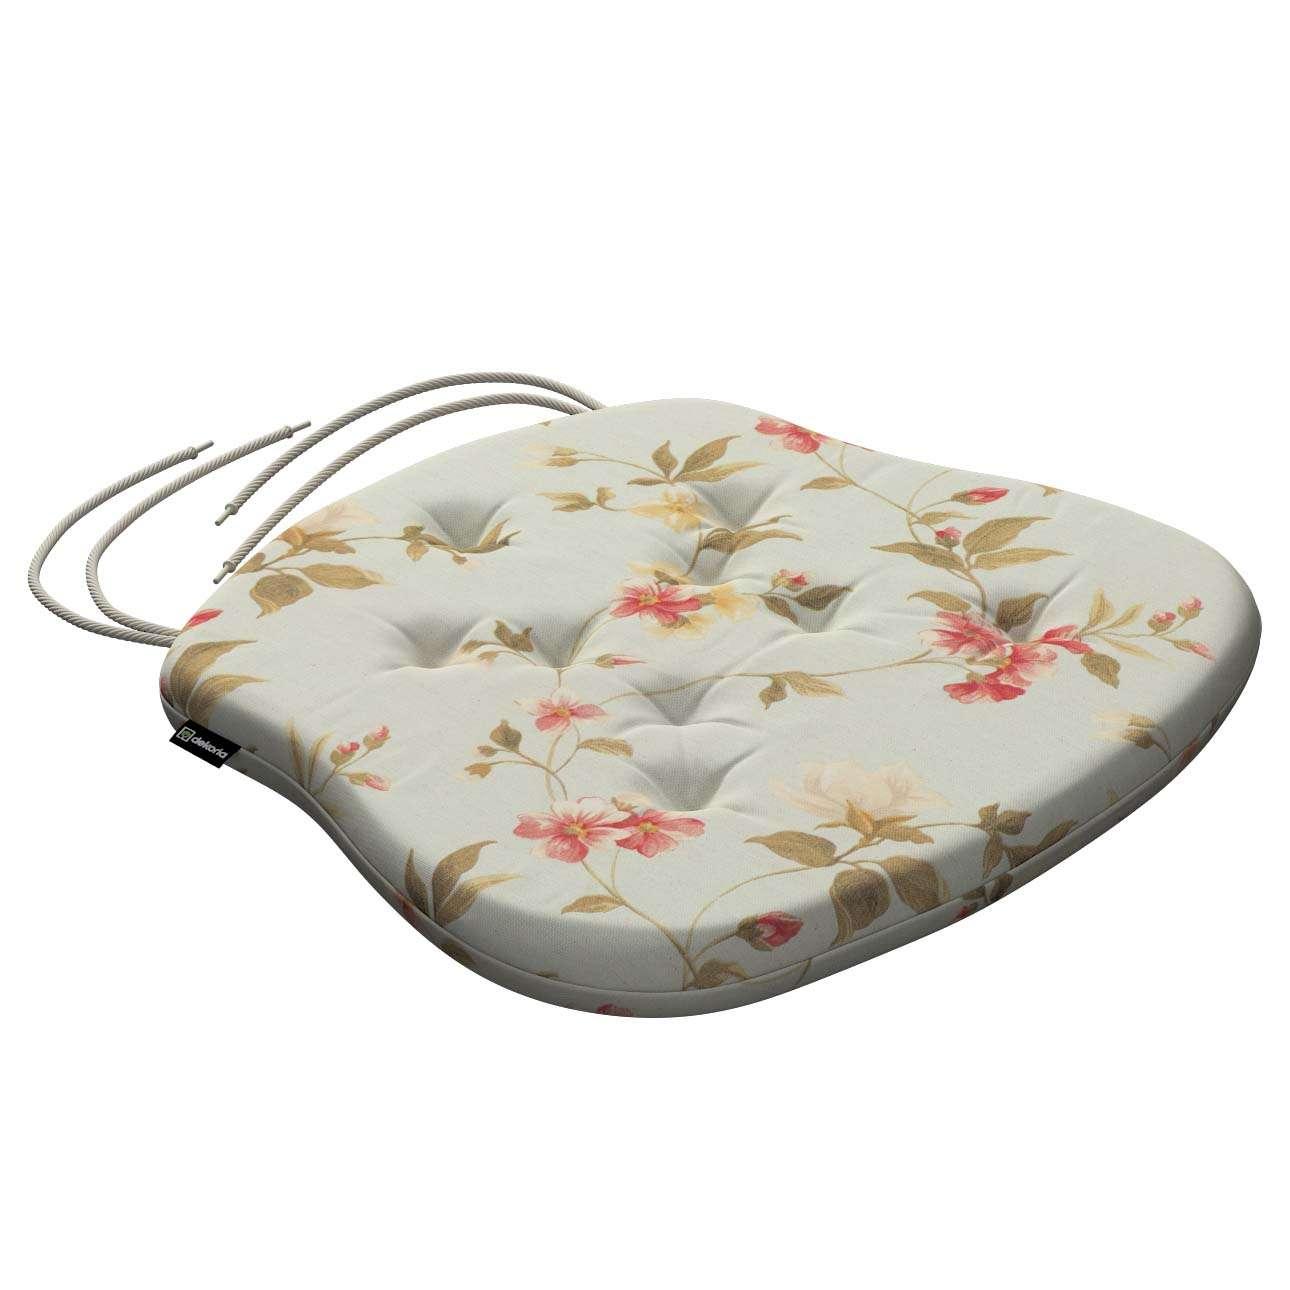 Siedzisko Filip na krzesło 41x38x3,5 cm w kolekcji Londres, tkanina: 124-65